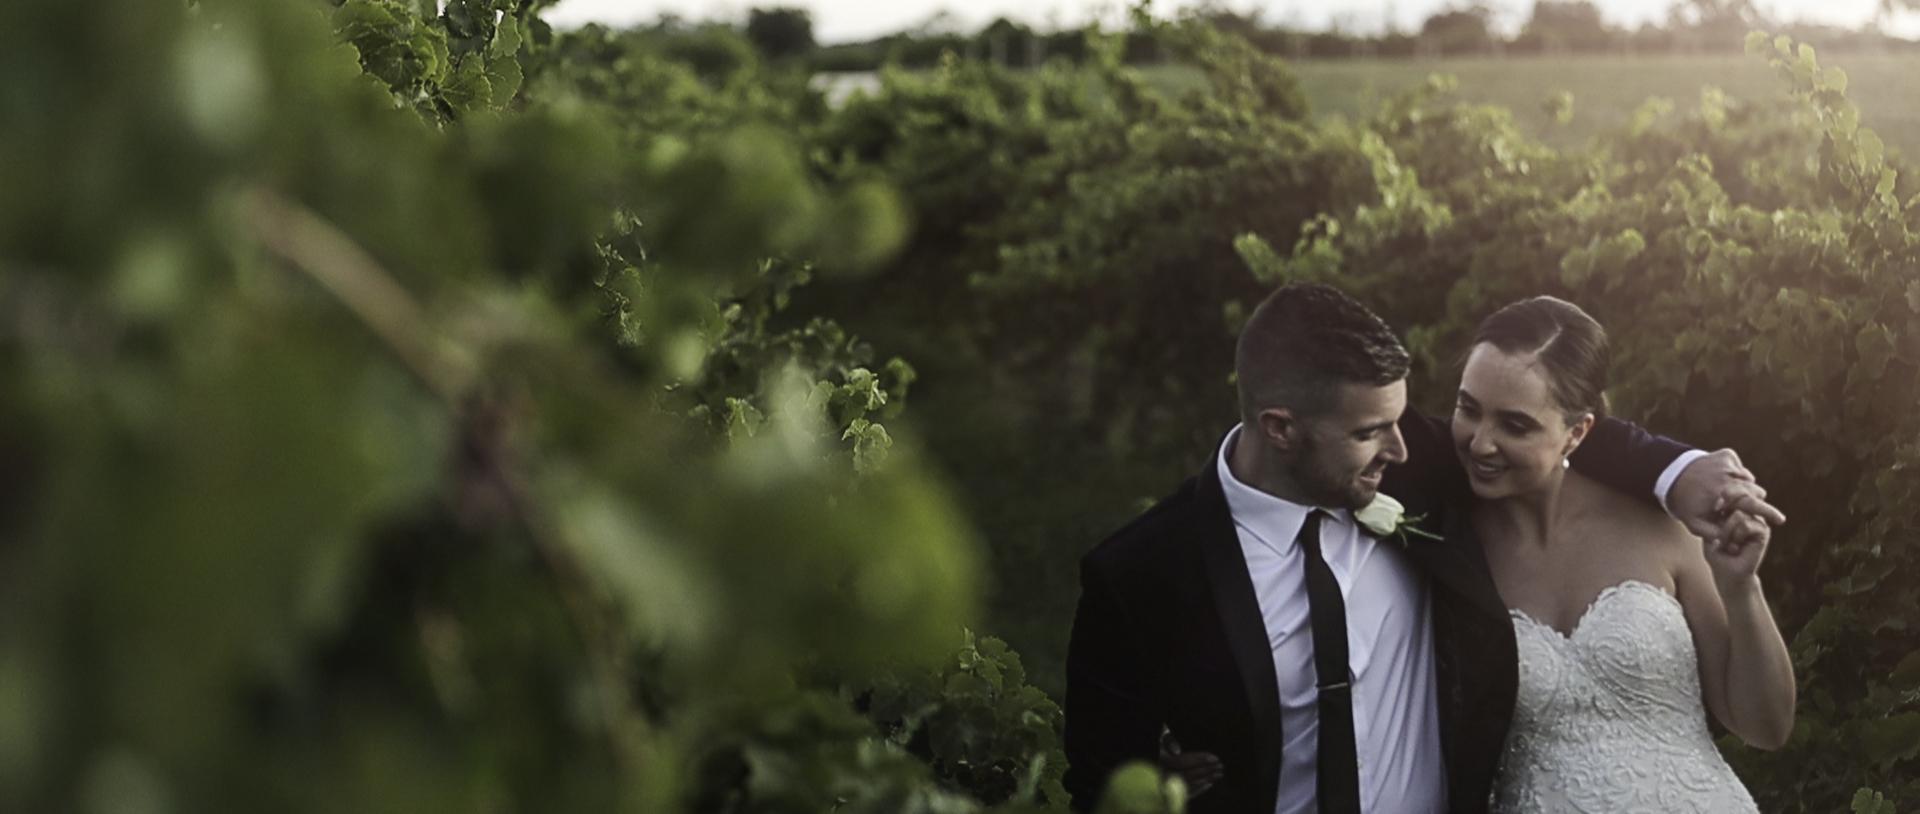 LukeCatherine Mitchelton Winery